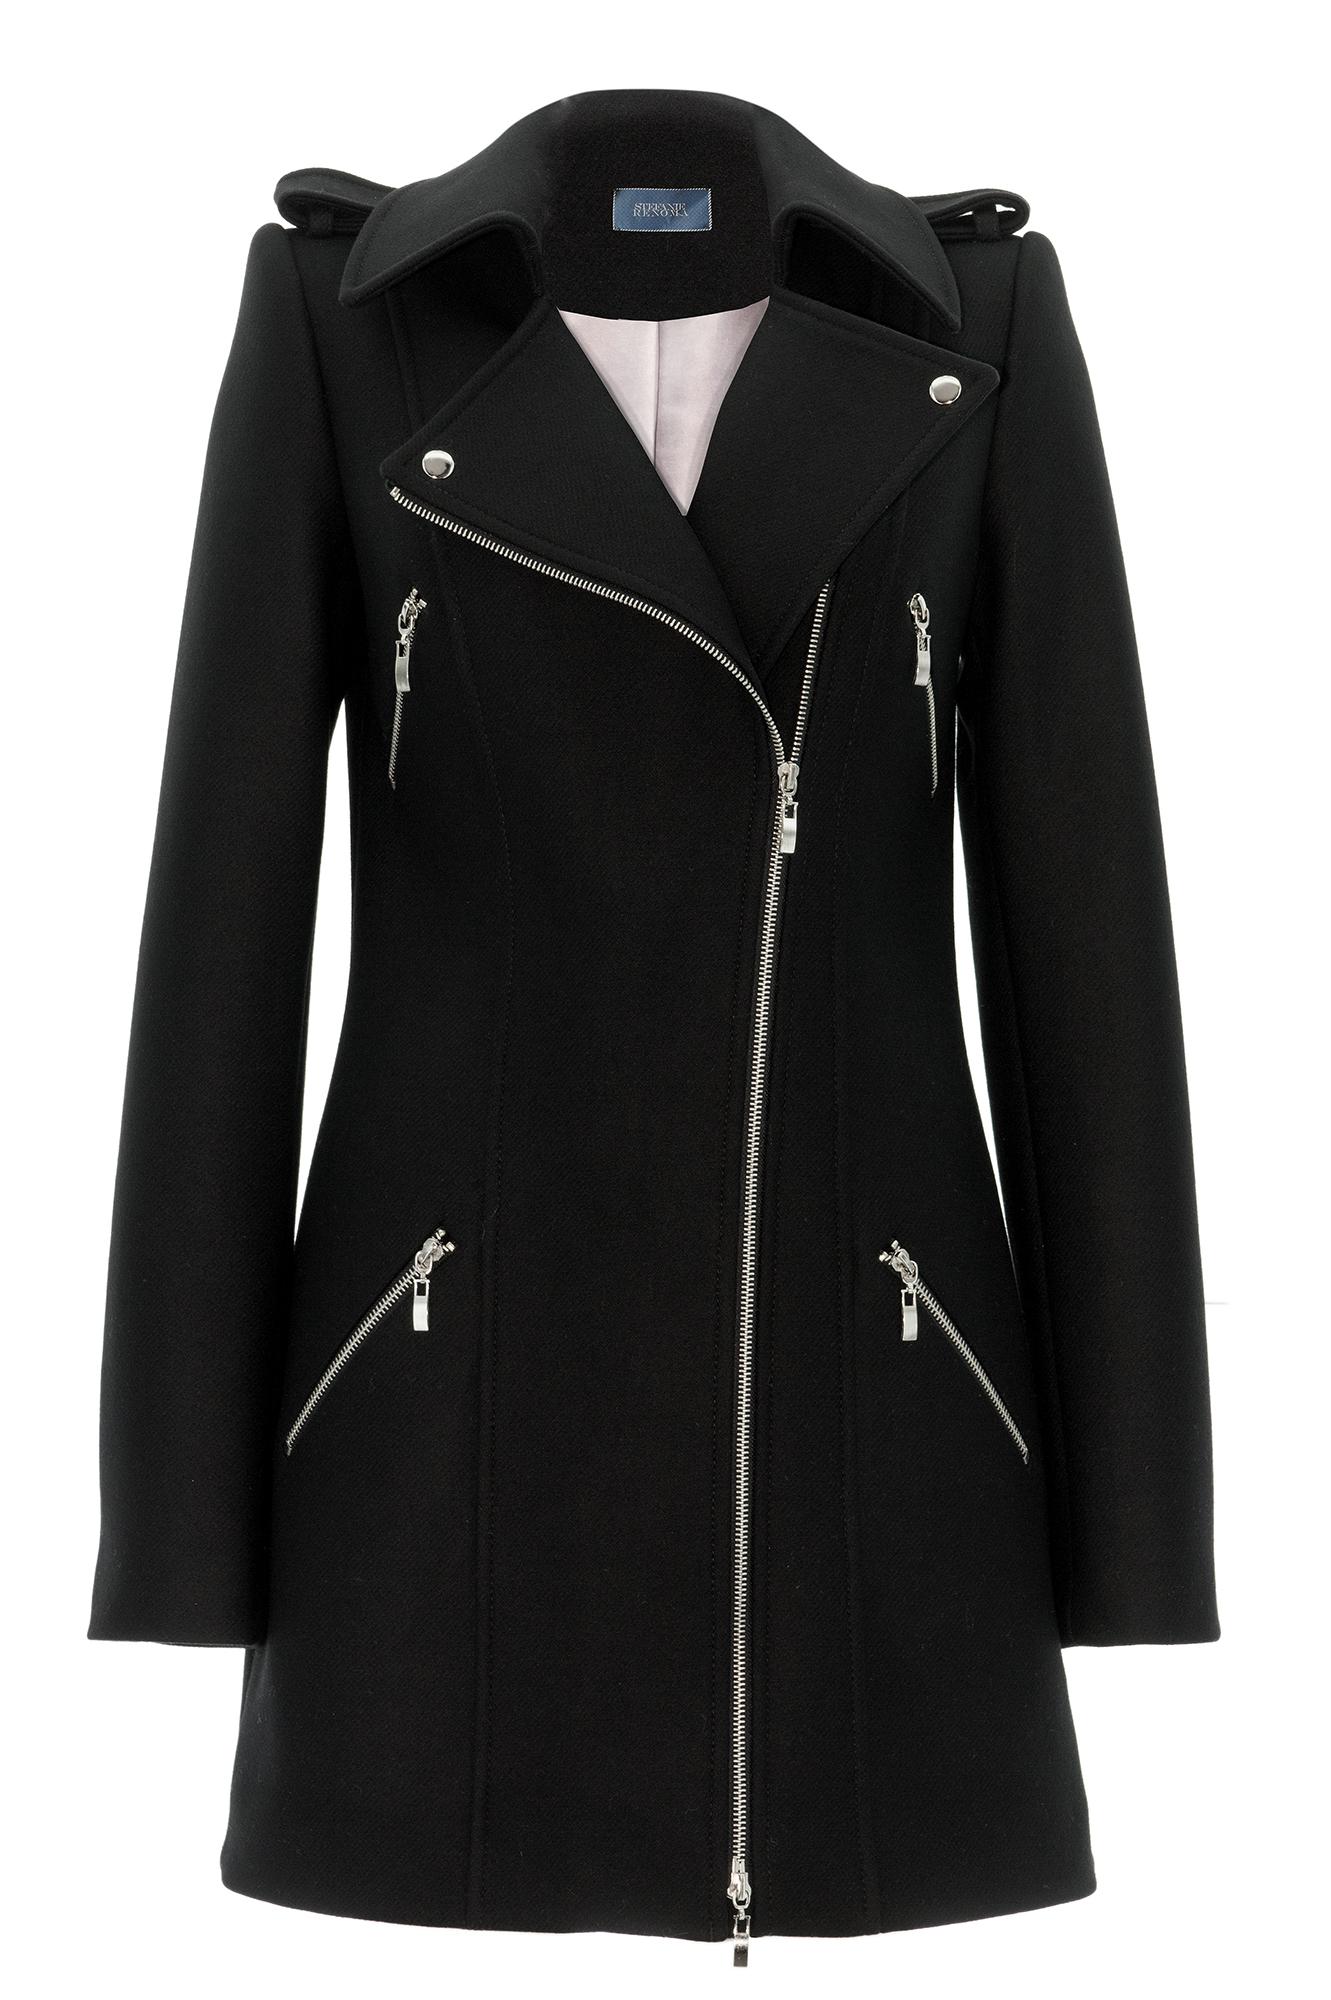 manteau zippe manteau femme manteau noire perfecto long. Black Bedroom Furniture Sets. Home Design Ideas